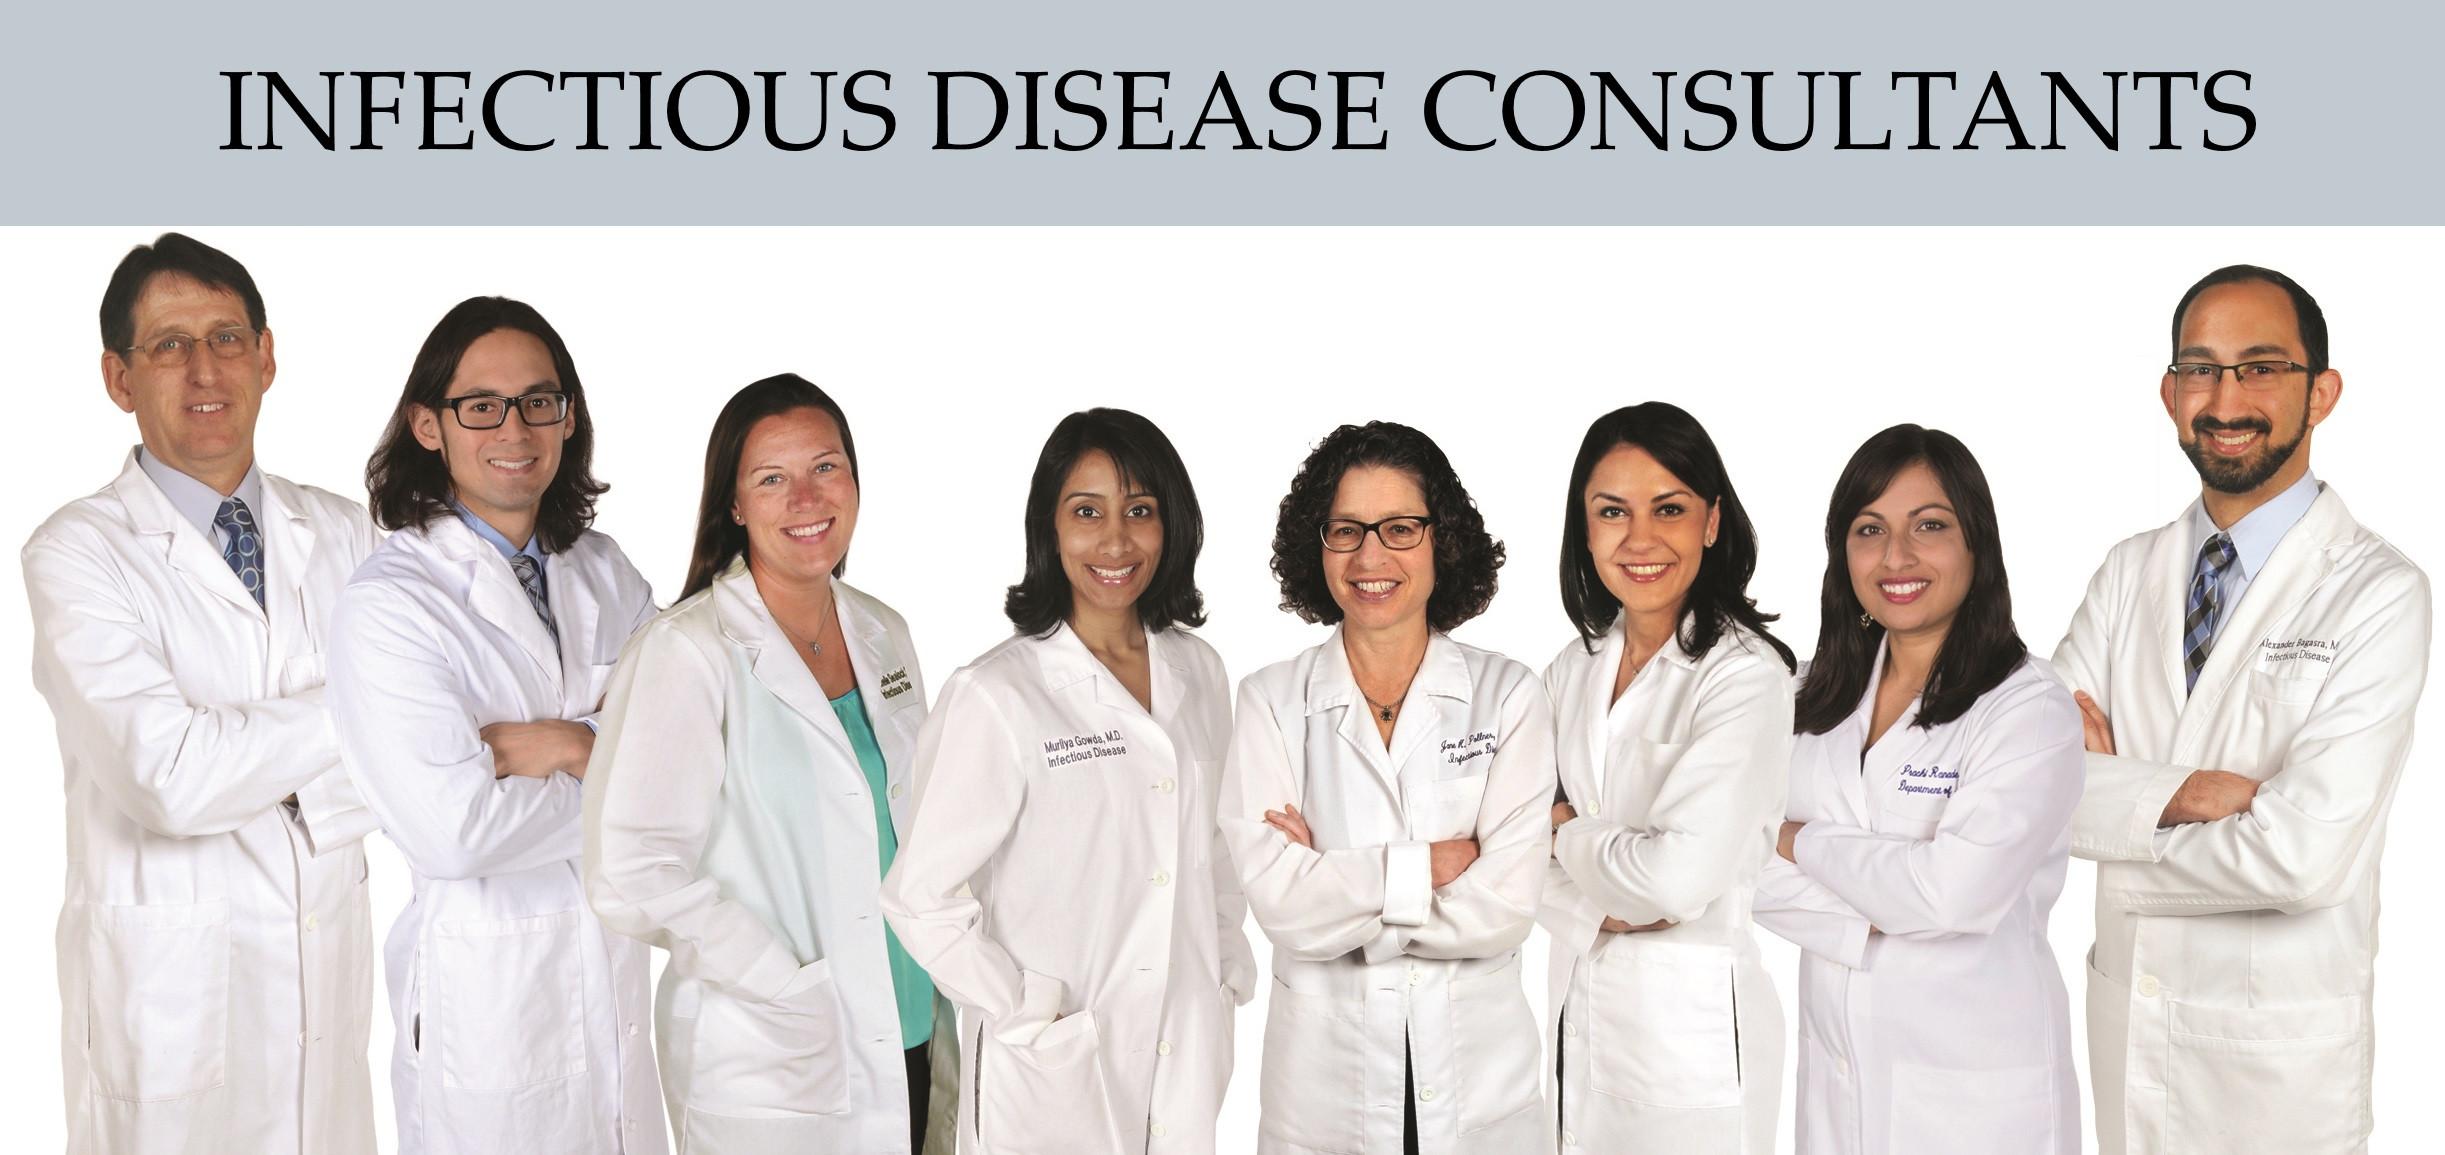 Infectious Disease Consultants - Patient Portal